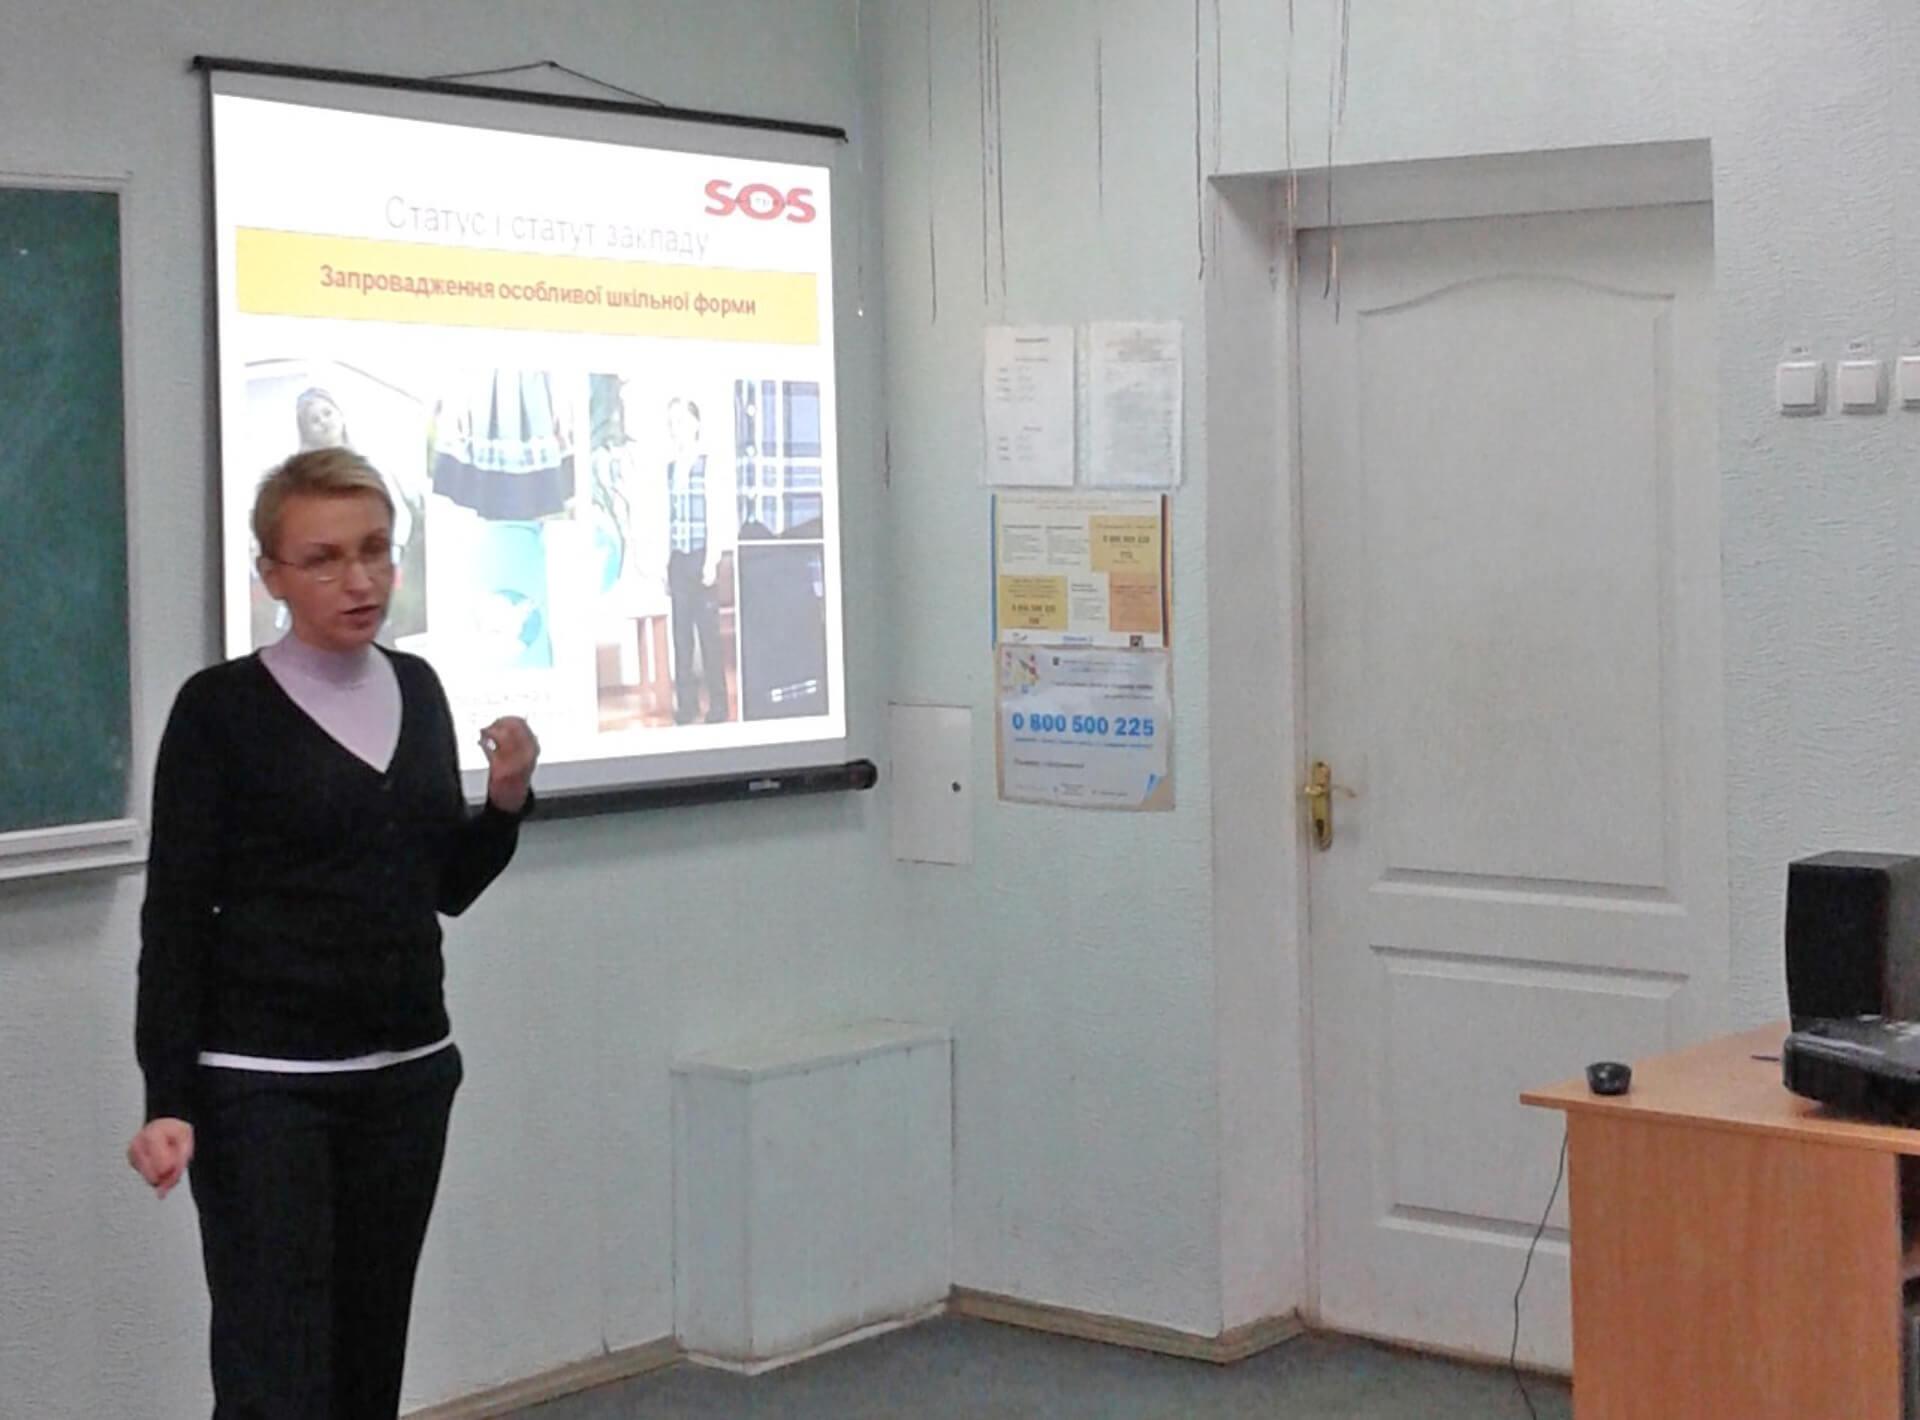 Дніпро, 21 грудня 2016 р.